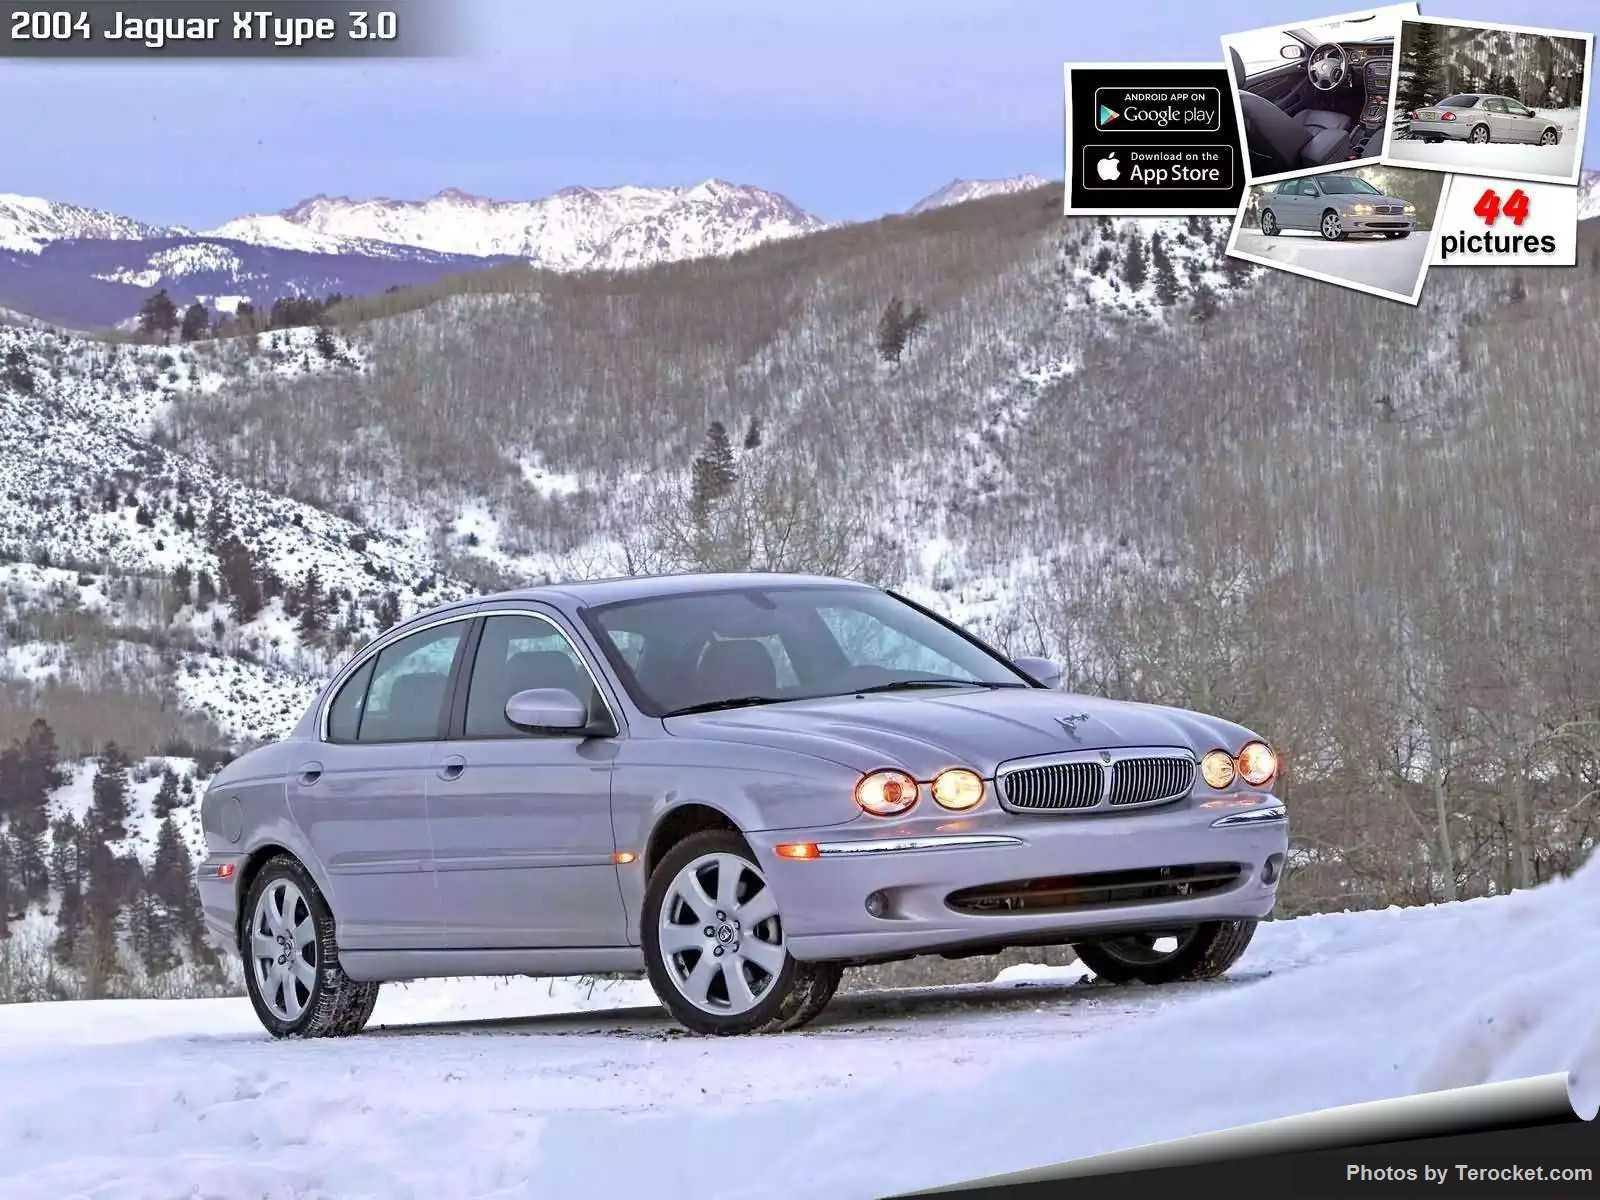 Hình ảnh xe ô tô Jaguar XType 3.0 2004 & nội ngoại thất